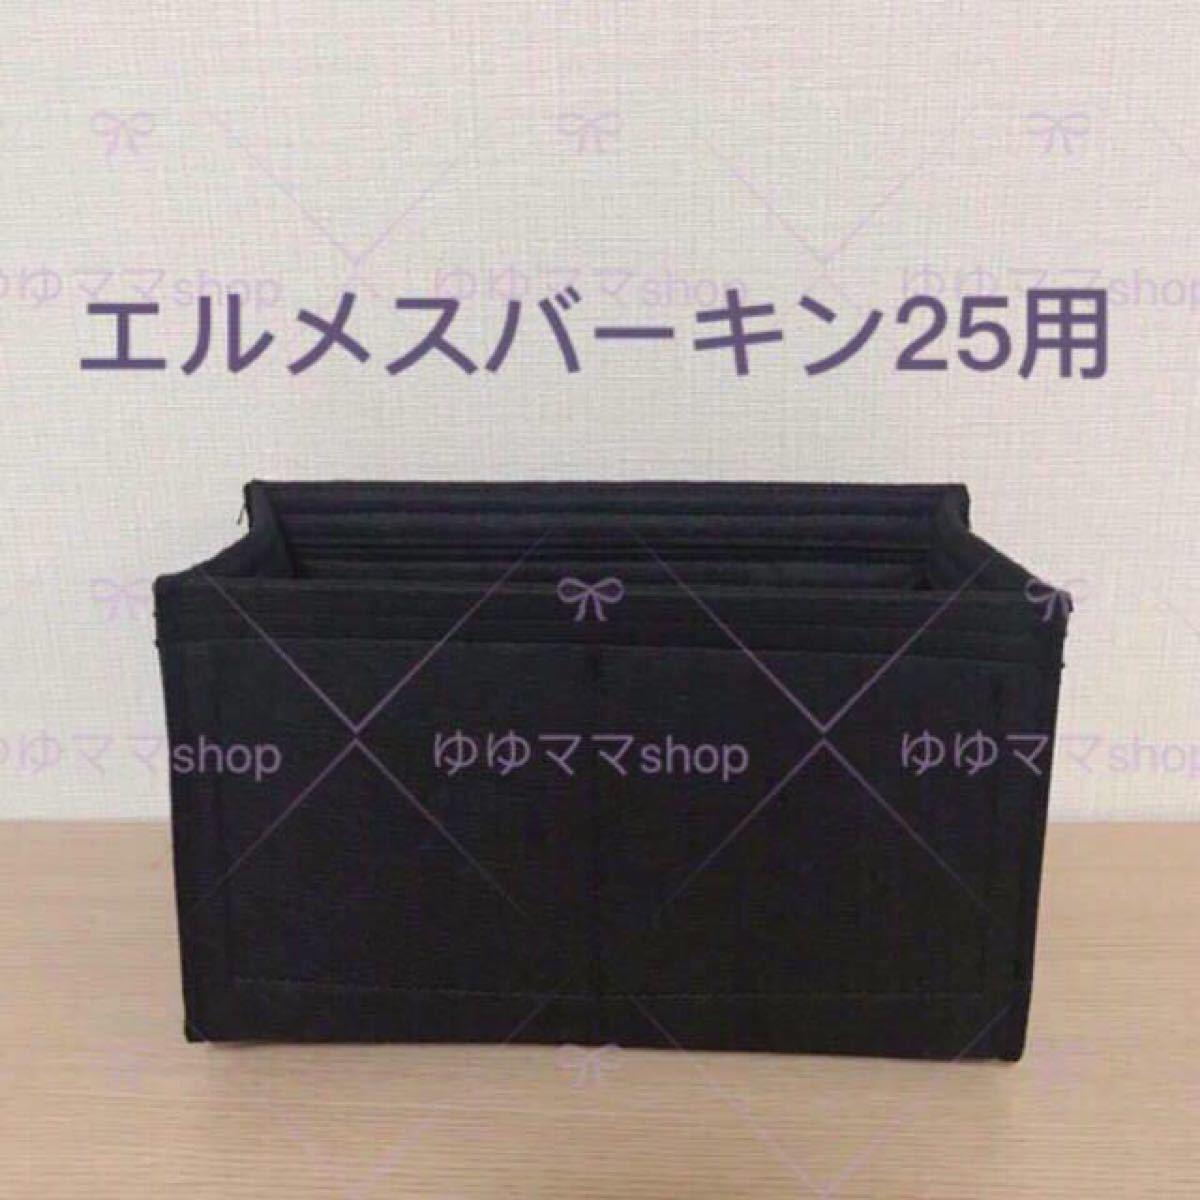 新品バッグインバッグ インナーバッグ ブラック色 25cm